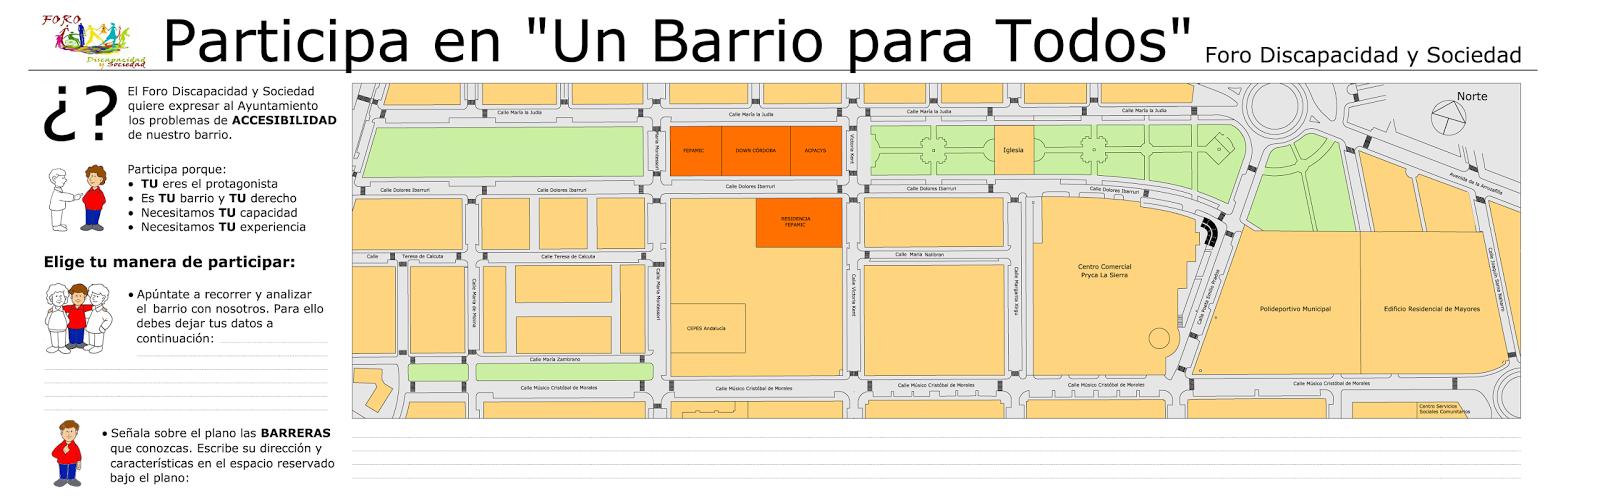 Plano de la zona de actuación del proyecto del Distrito Noroeste junto con texto explicativo del proyecto que solicita la participación